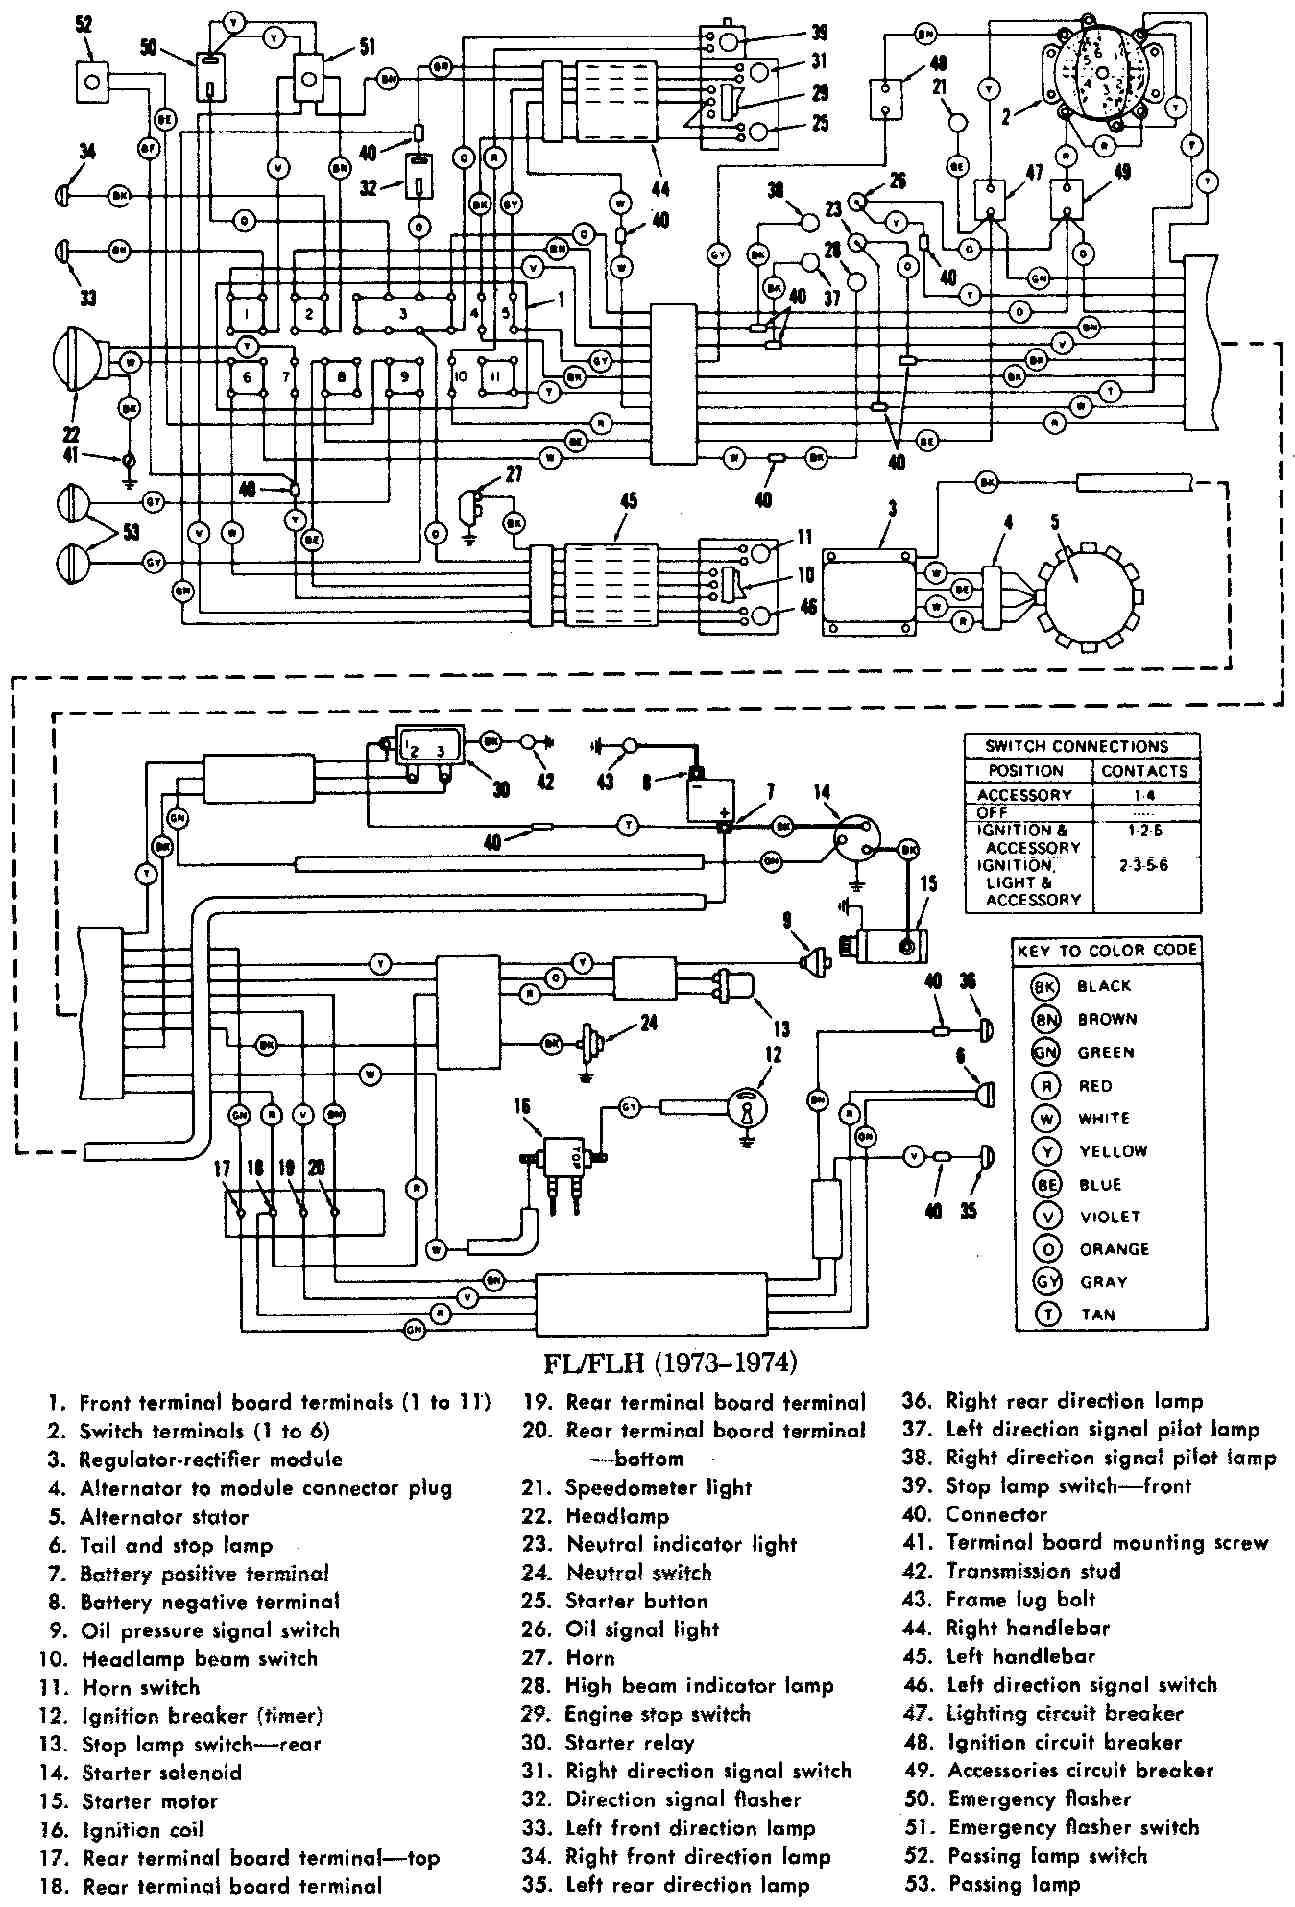 harley wiring diagram wires detailed schematics diagram rh yogajourneymd com HD Heated Grips Installation HD Heated Grips